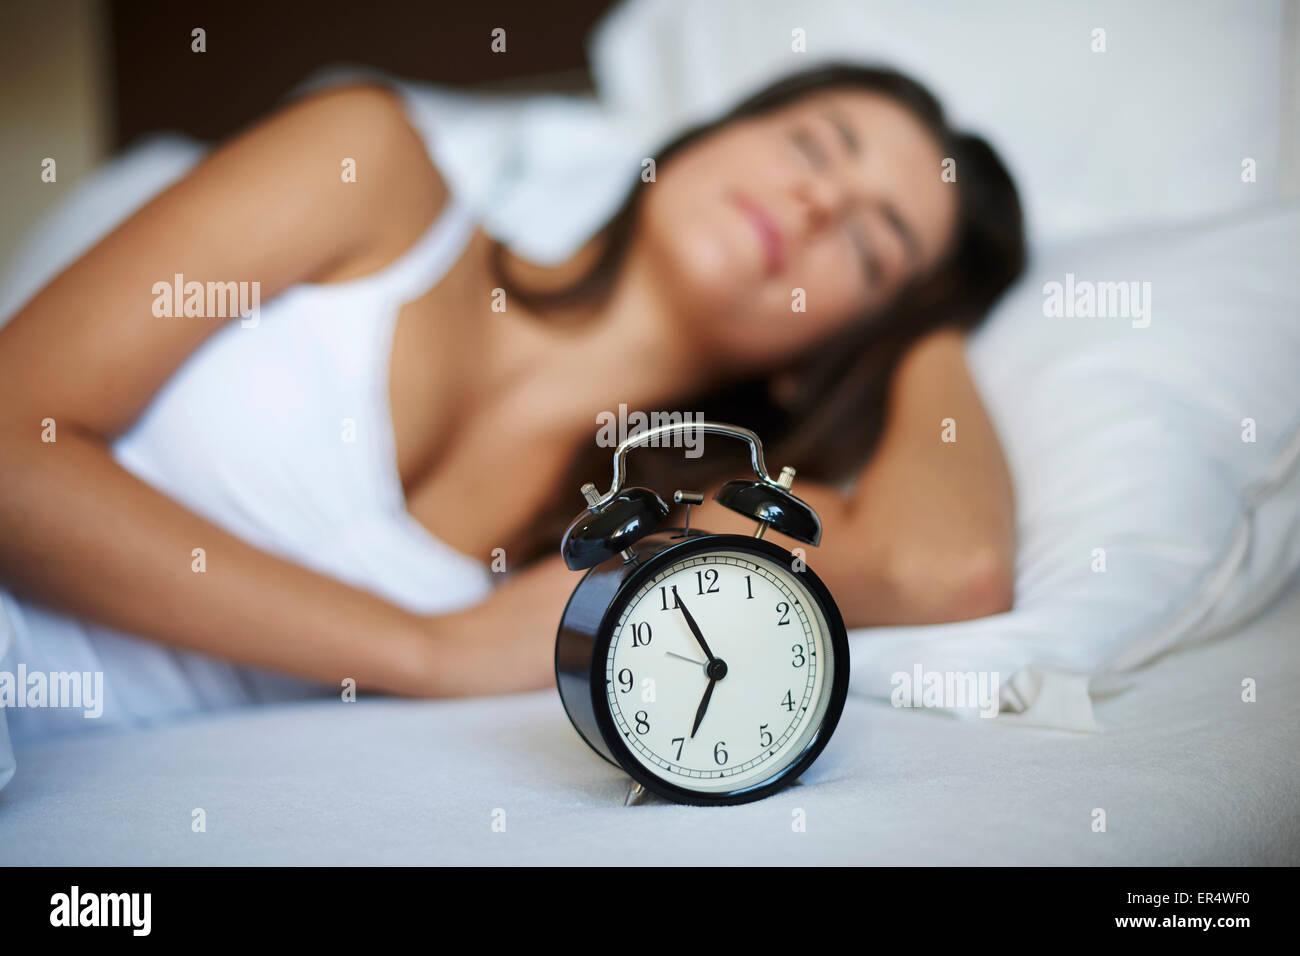 Eppure solo cinque minuti di sonno. Debica, Polonia Immagini Stock